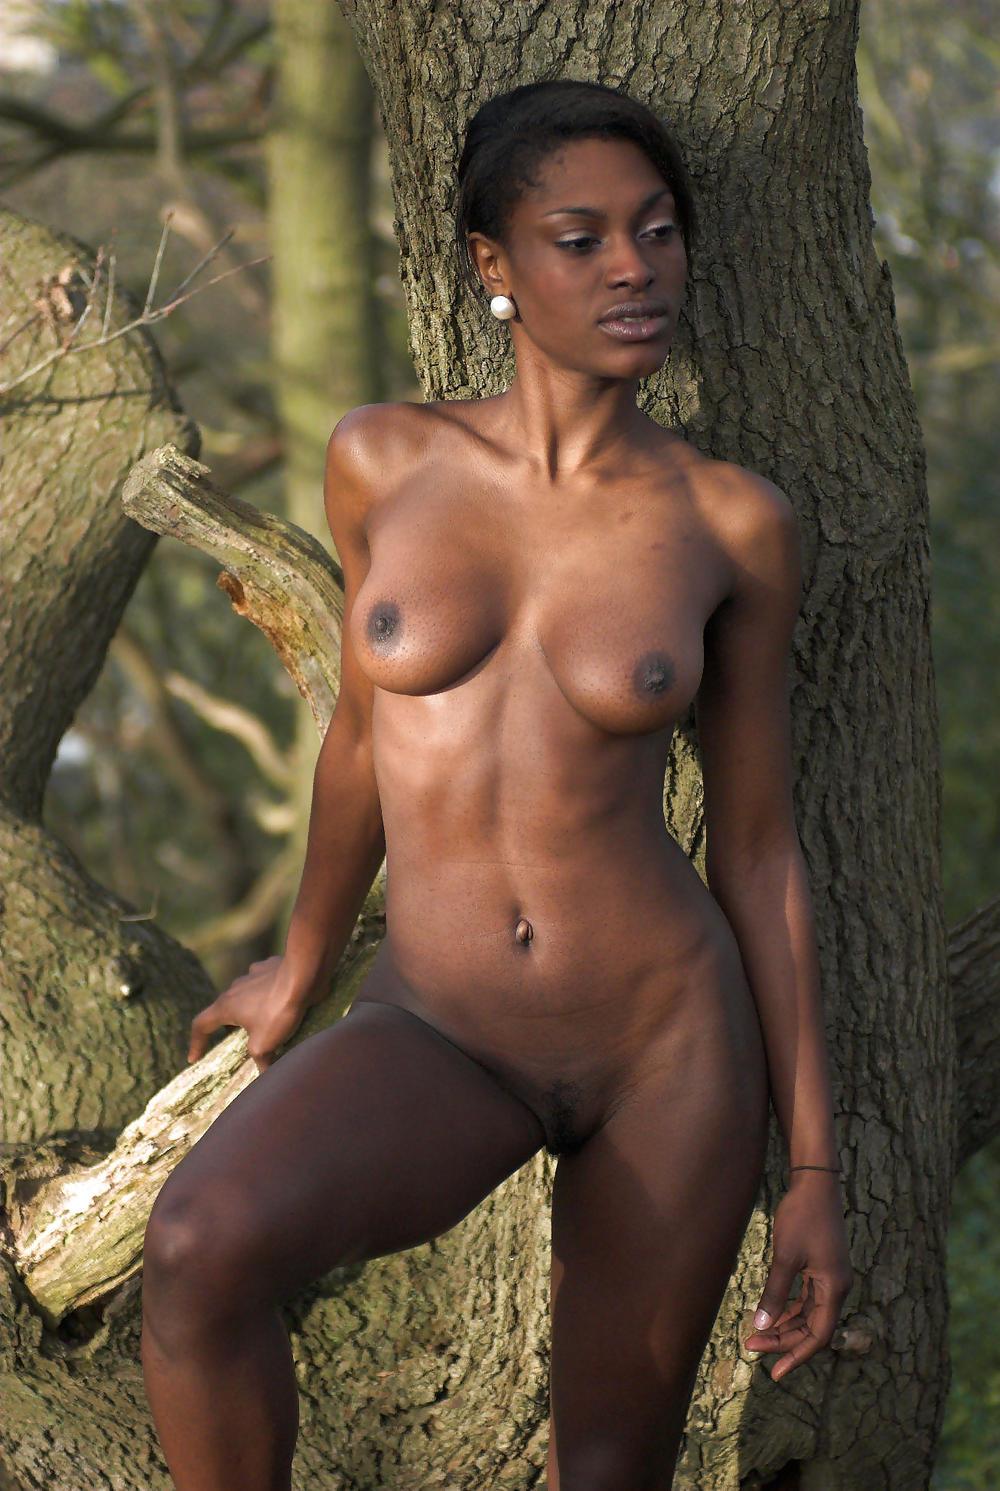 ebony-pressley-naked